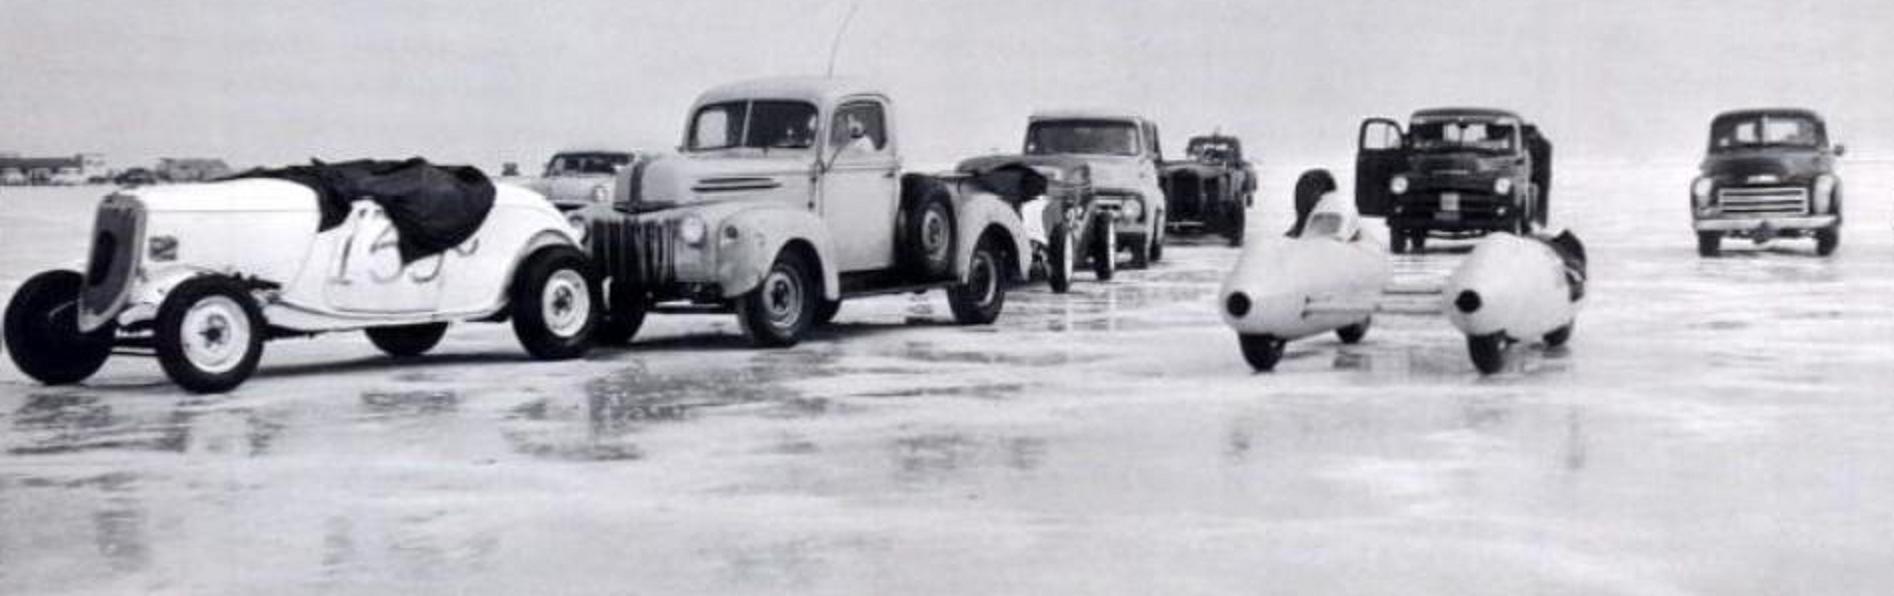 Howard Johansen 1960 - 2 .jpg